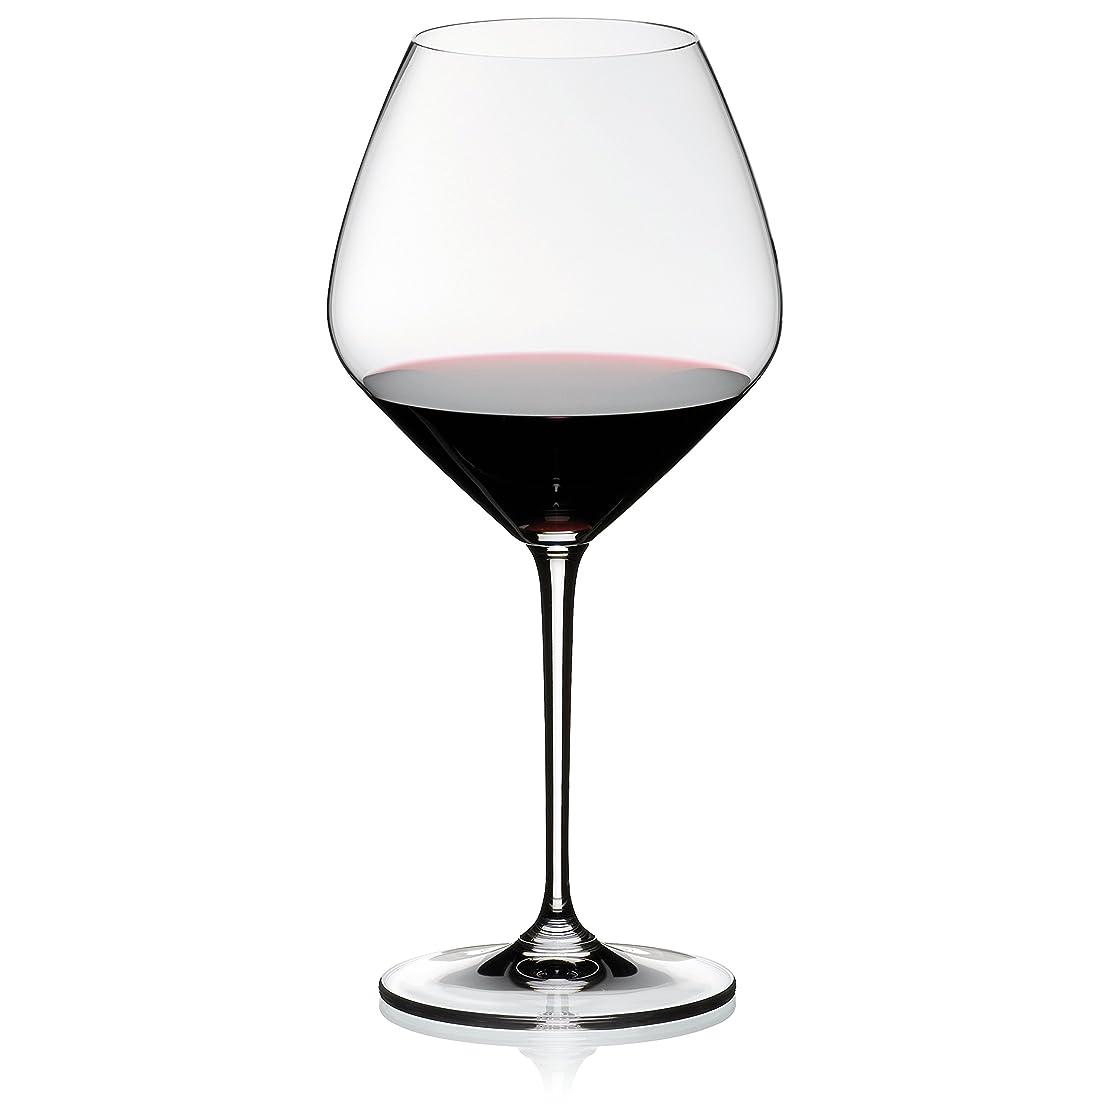 傾斜プレート質量Riedel Vinum Extreme Pinot Noir、メガネのセット2 Set of 6 クリア 4444/07-CUST6